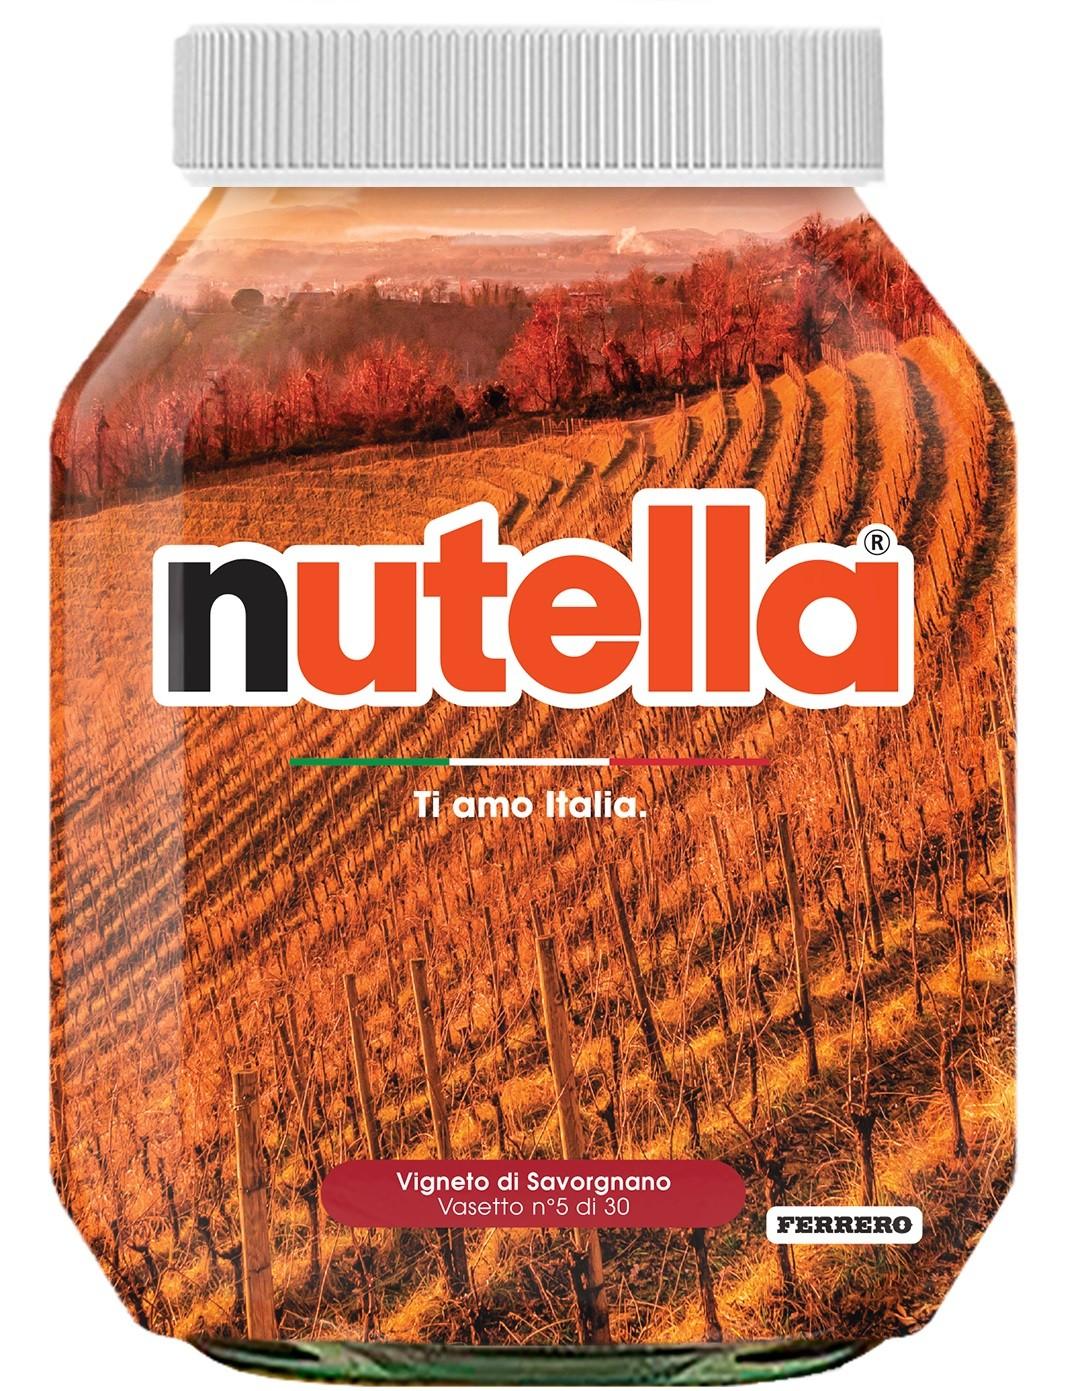 Nutella 05 Friuli Venezia Giulia Vigneto di Savorgnano